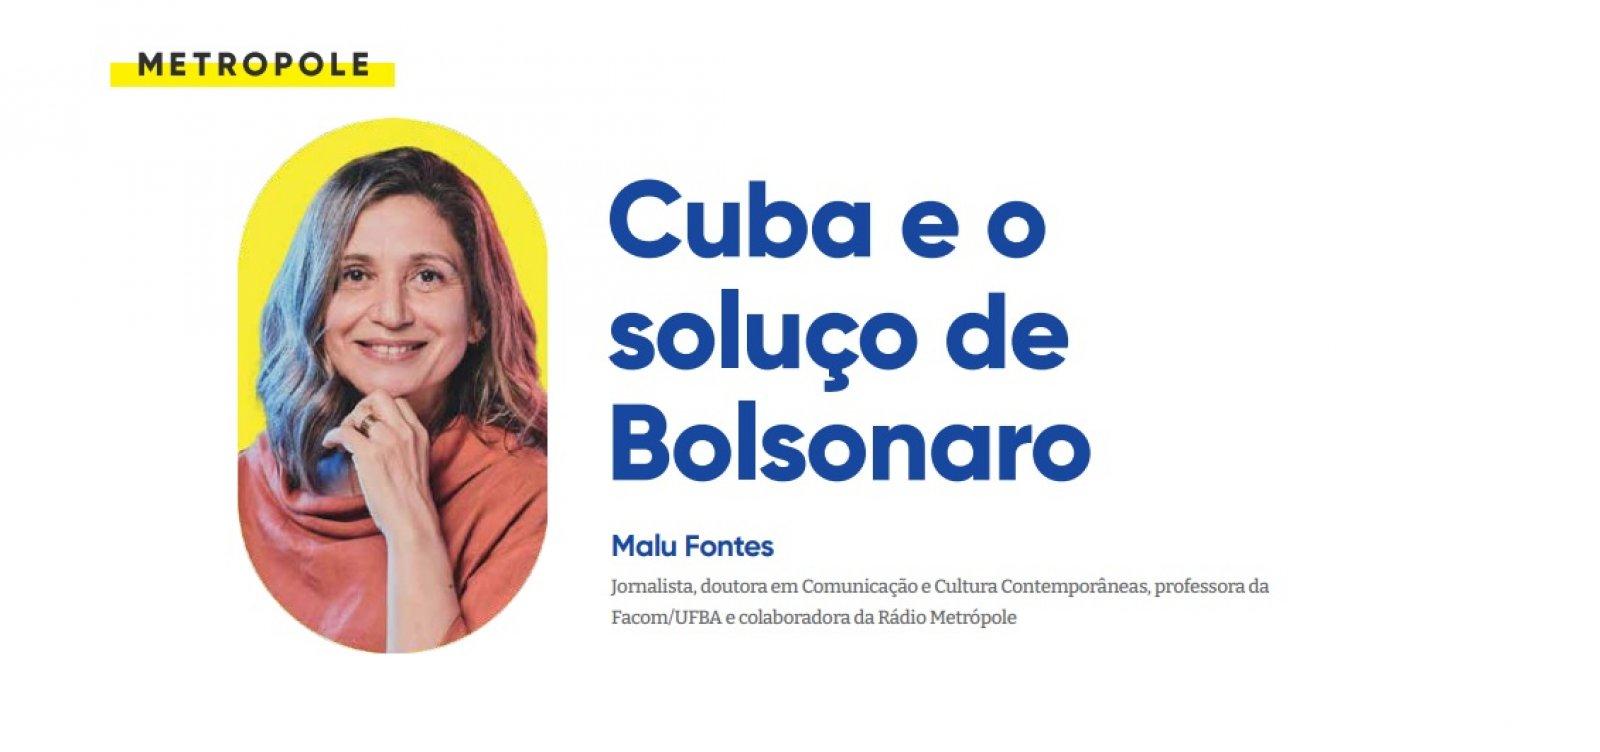 Cuba e o soluço de Bolsonaro